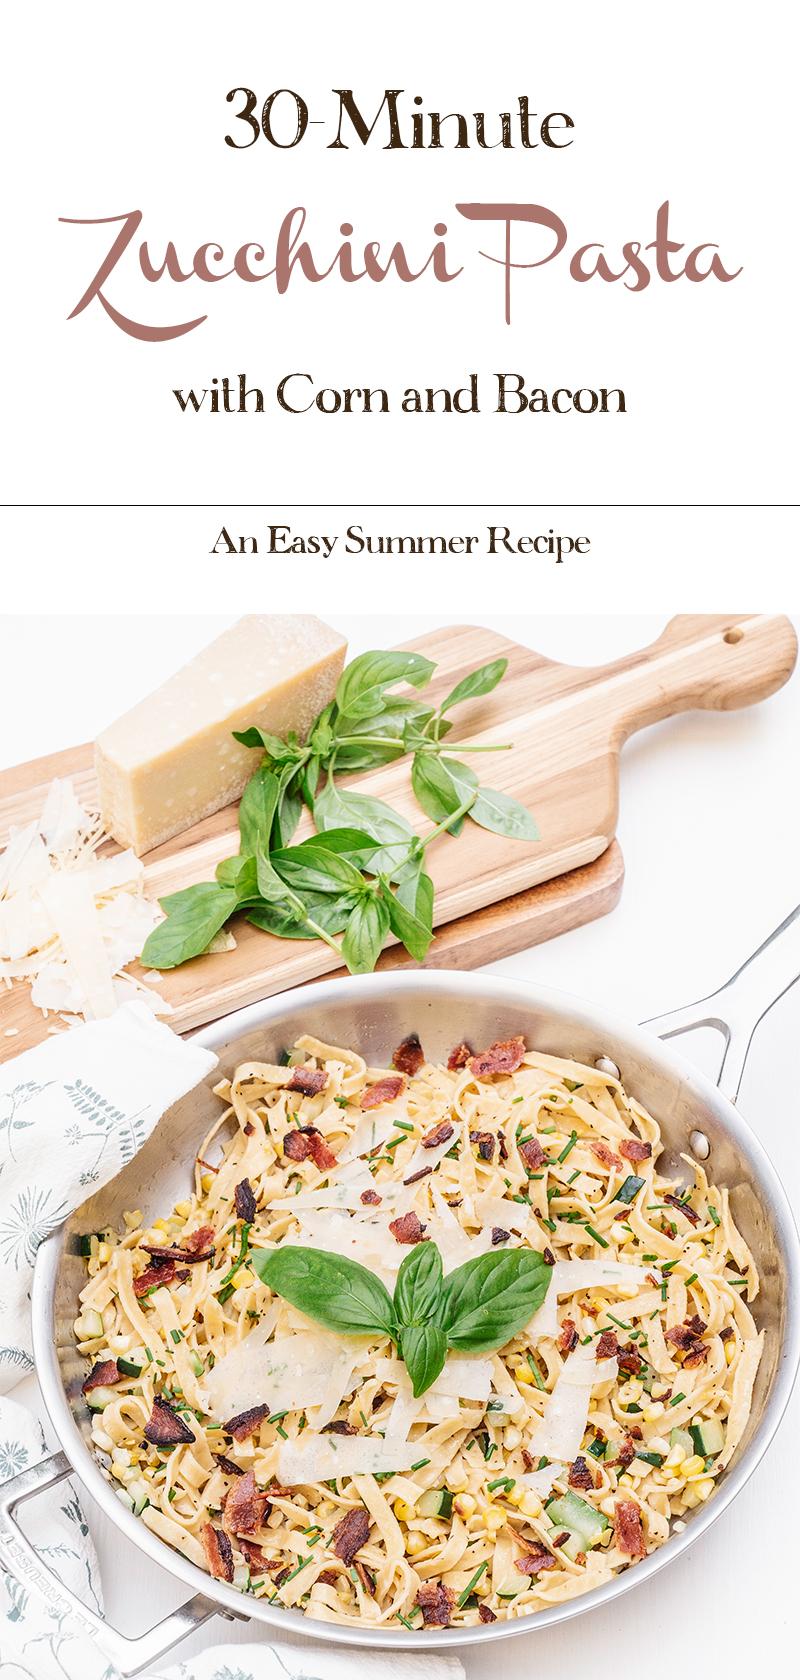 30-Minute-Zucchini-Corn-Pasta-with-Bacon-Recipe